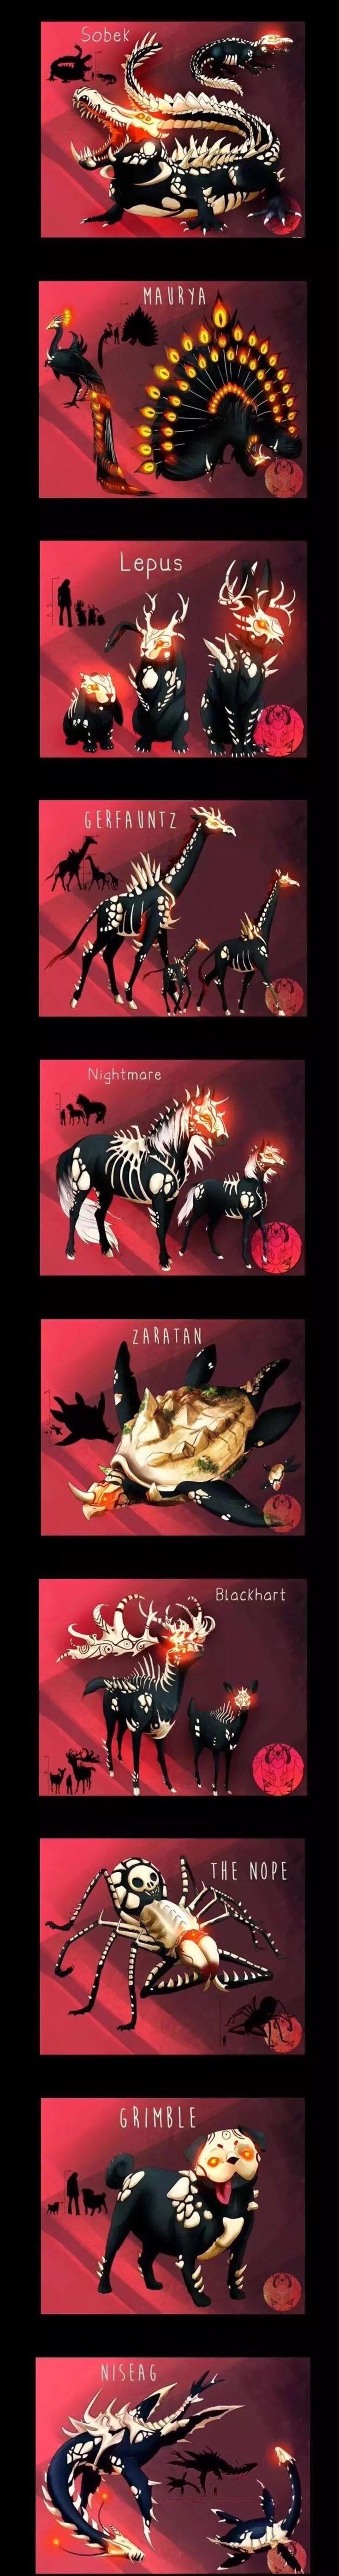 Grimm fan art!